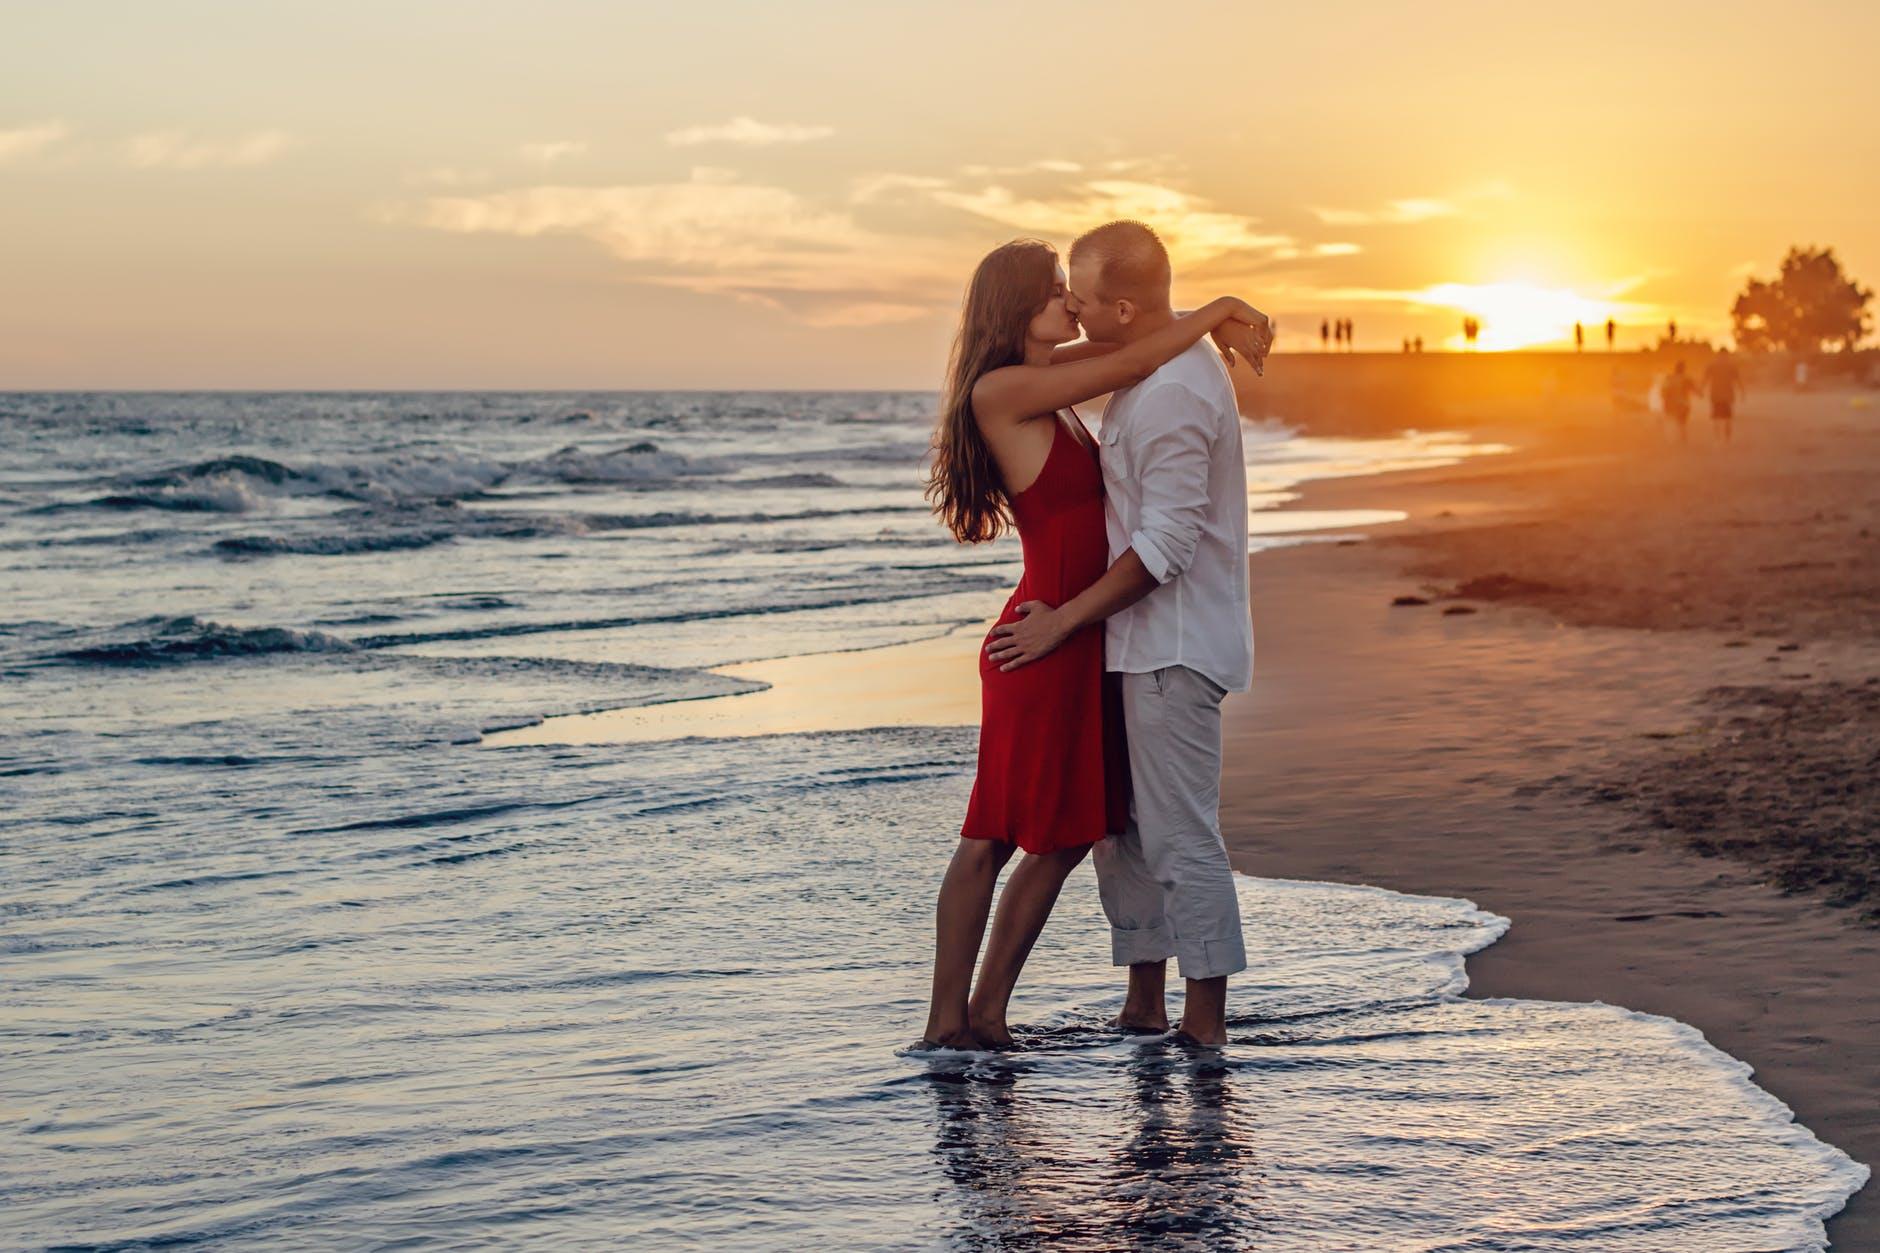 beach couple dawn dusk